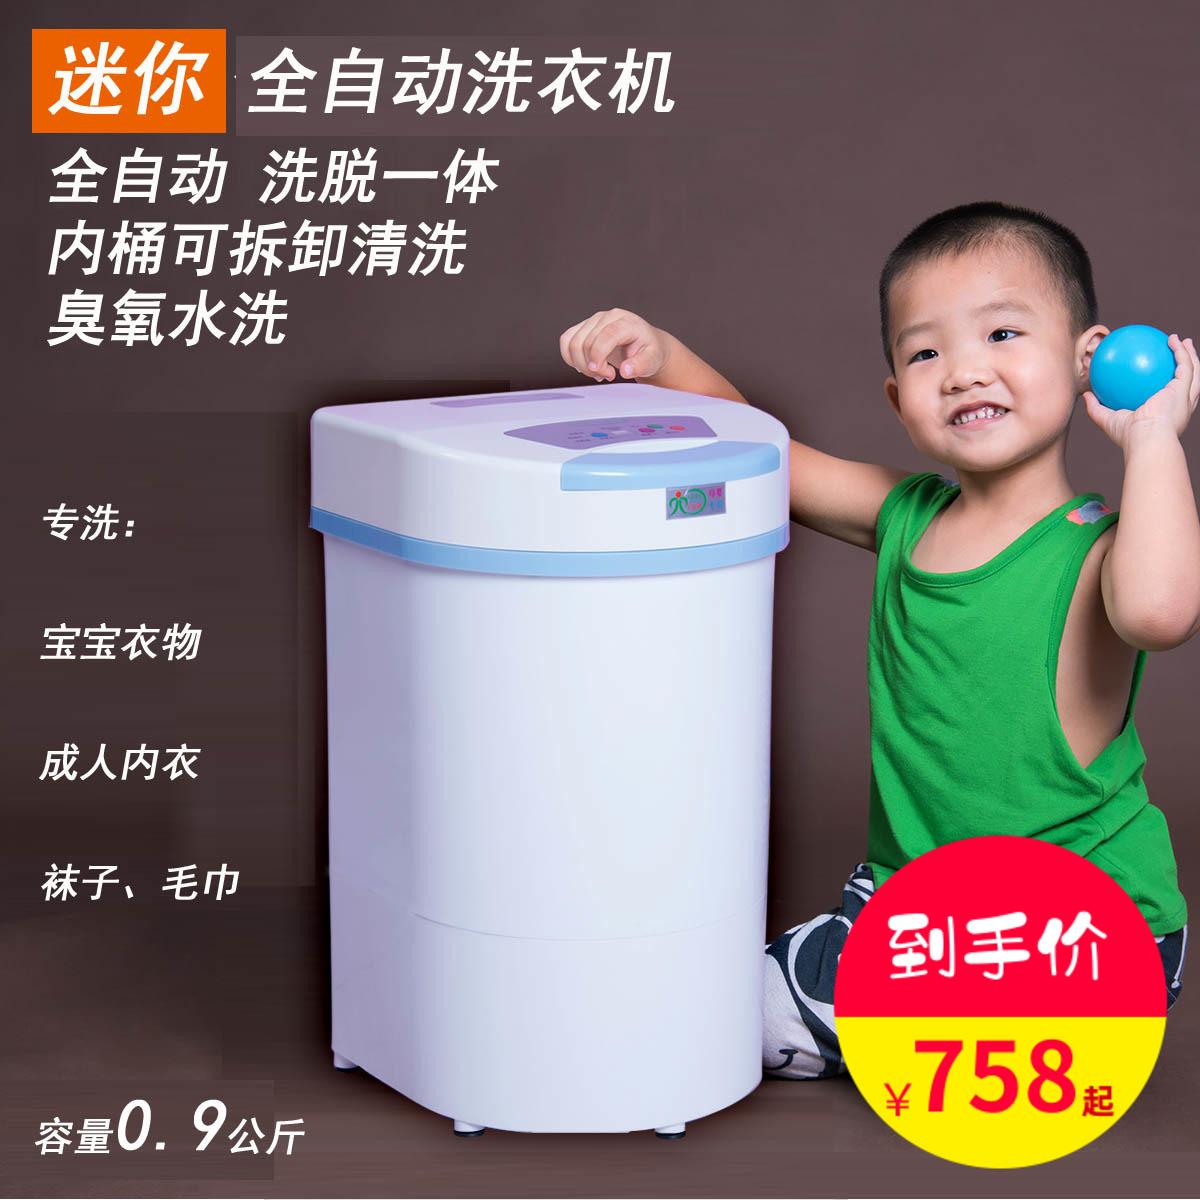 迷你全自动洗衣机小型母婴儿童内衣裤袜子高温煮洗臭氧消毒洗护机满628元减30元